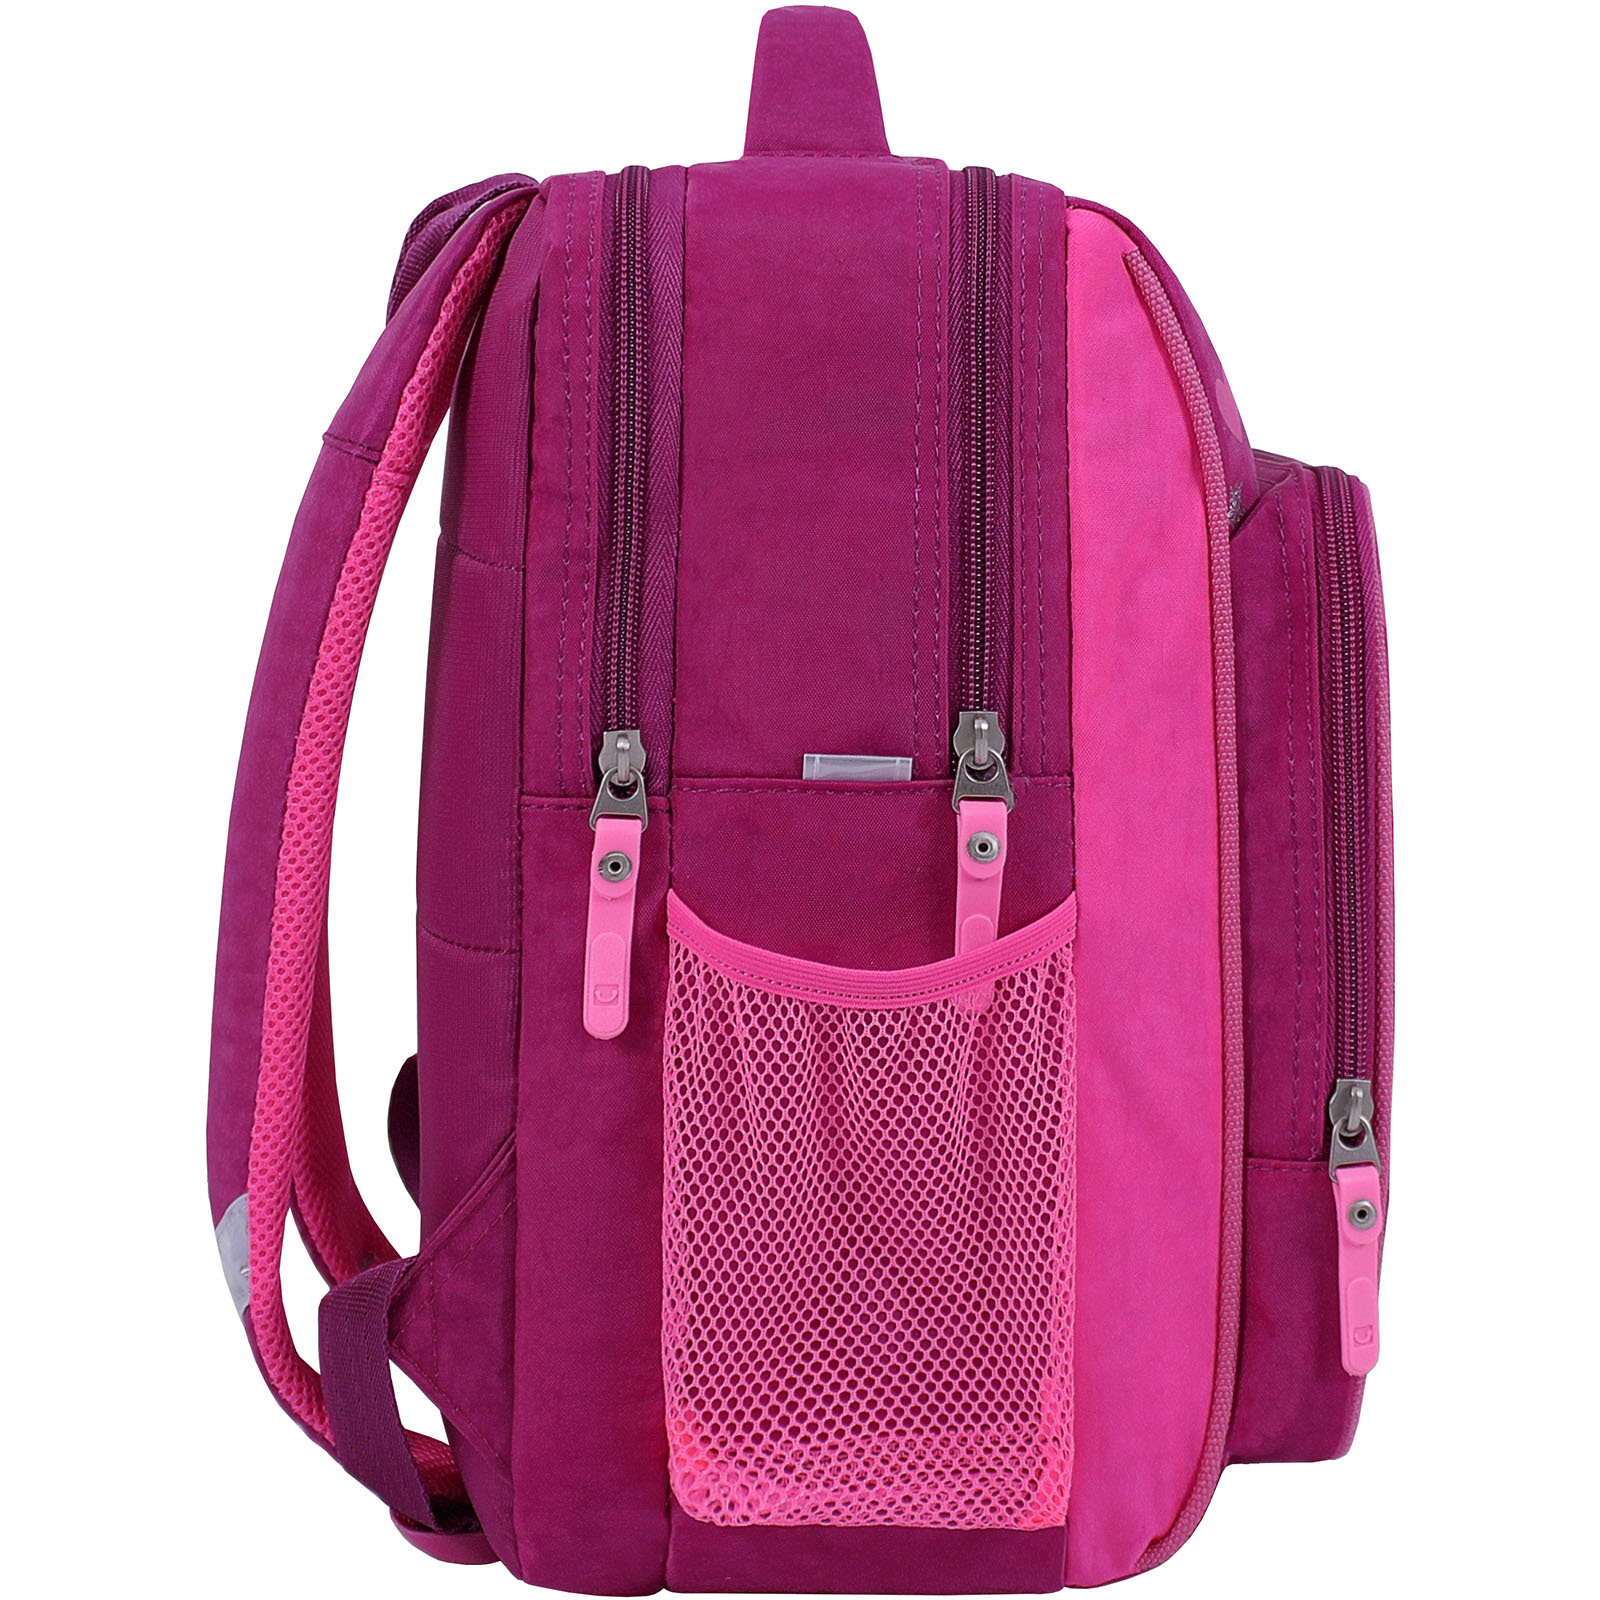 Рюкзак школьный Bagland Школьник 8 л. 143 малина 515 (00112702) фото 2